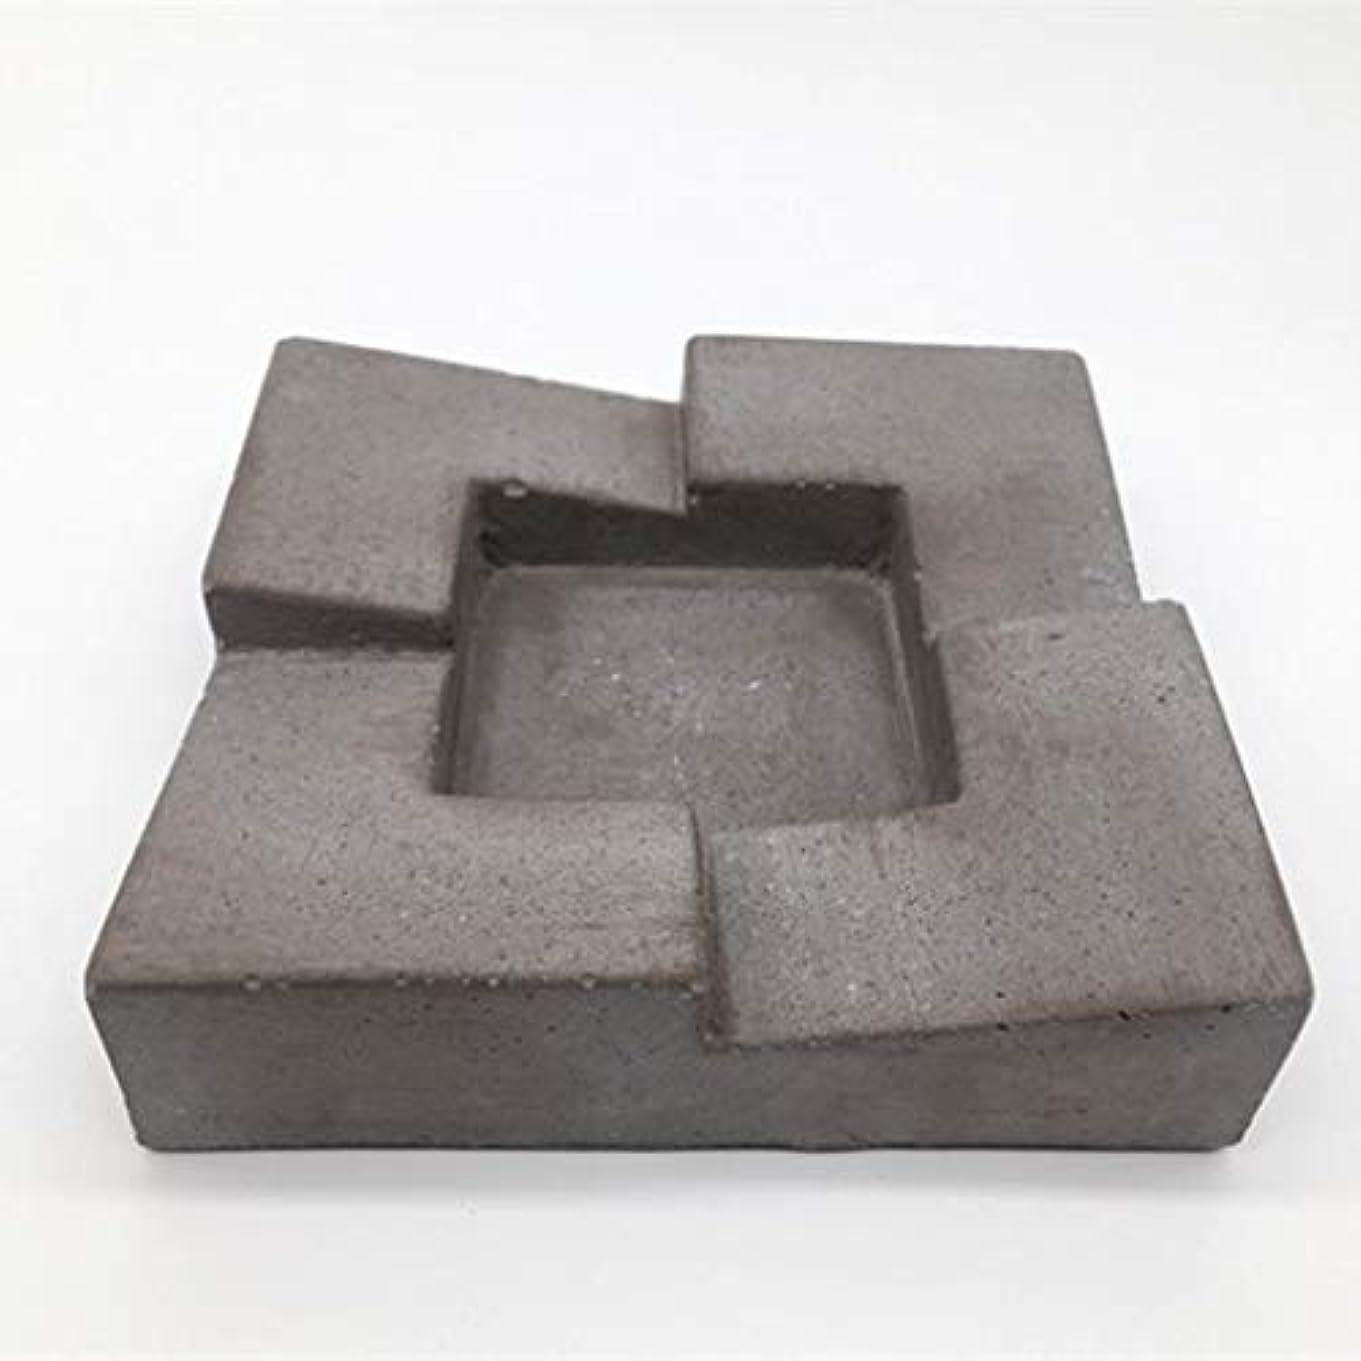 ナンセンス含めるアクティビティビンテージ手彫り灰皿、ホームデスクトップ家具葉巻コンクリートリビングルームバーオフィスセメント灰皿(グレー)品質保証